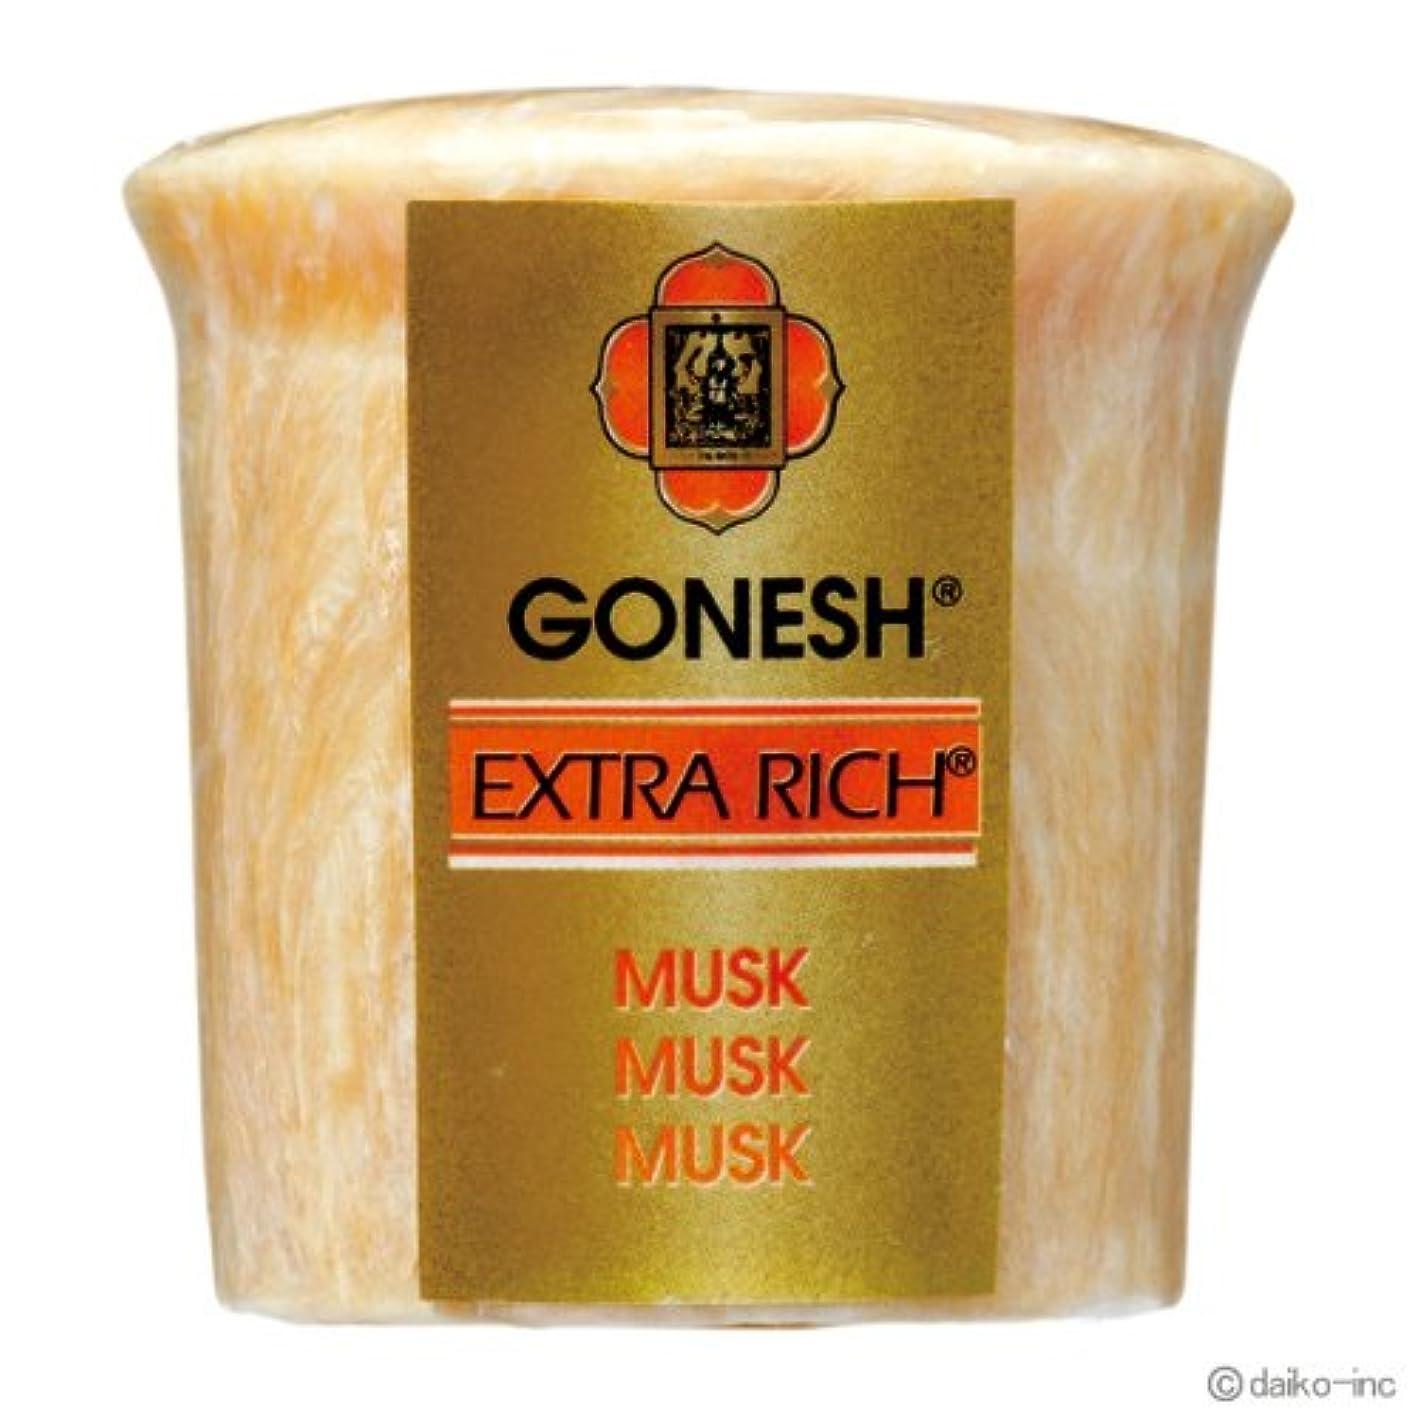 証明ビーム寄り添うガーネッシュ GONESH エクストラリッチ ムスク アロマキャンドル 10個セット